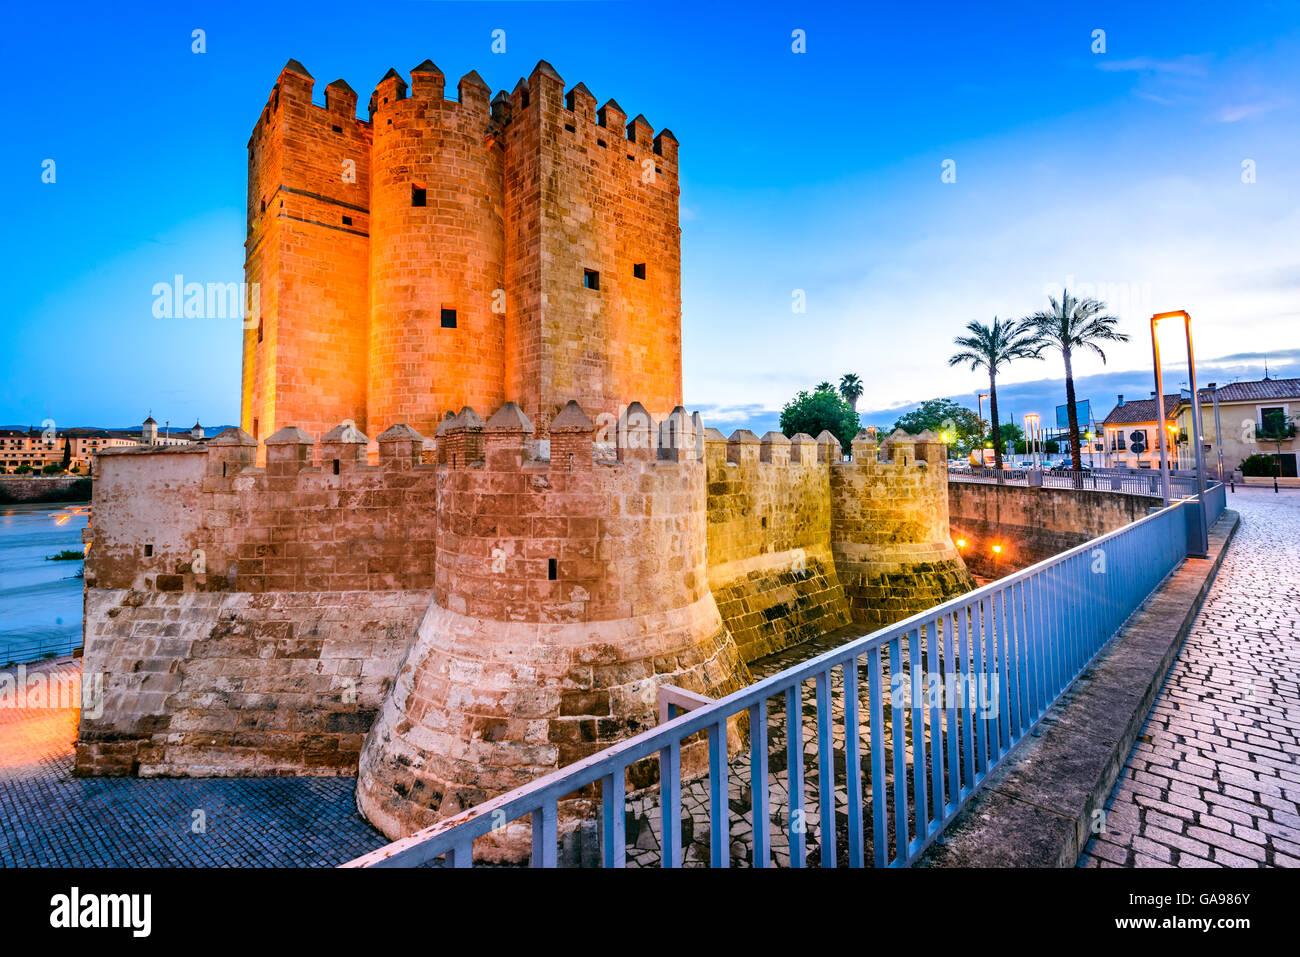 Córdoba, Andalucía, España. Puente romano sobre el río Guadalquivir, Torre de la Calahorra. Imagen De Stock